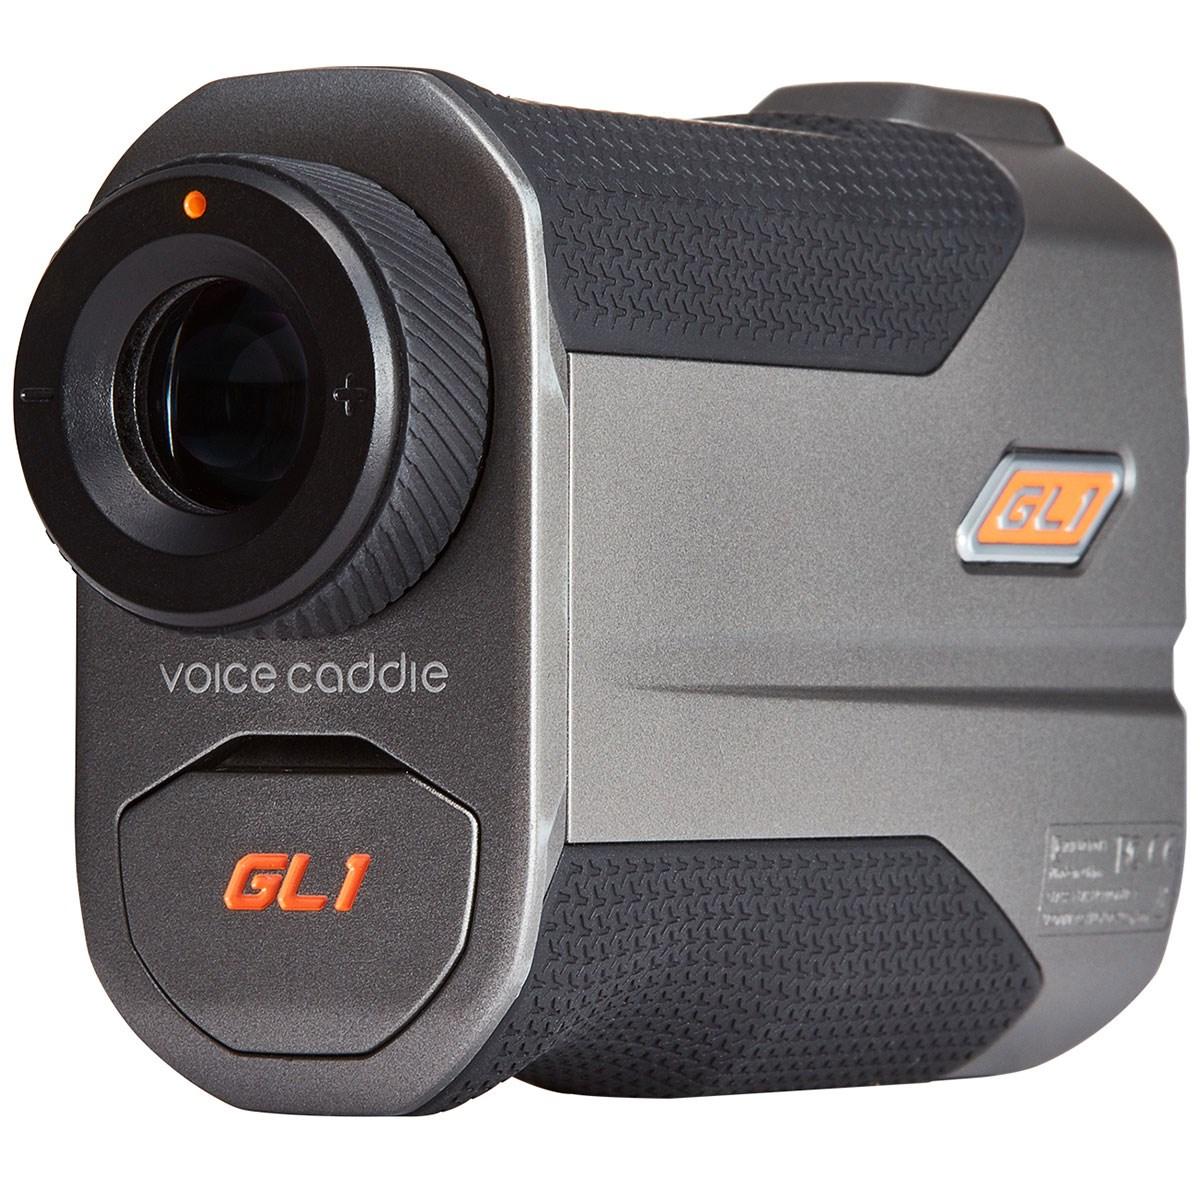 ボイスキャディ GL1 GPS搭載 レーザー照準タイプ 距離測定器